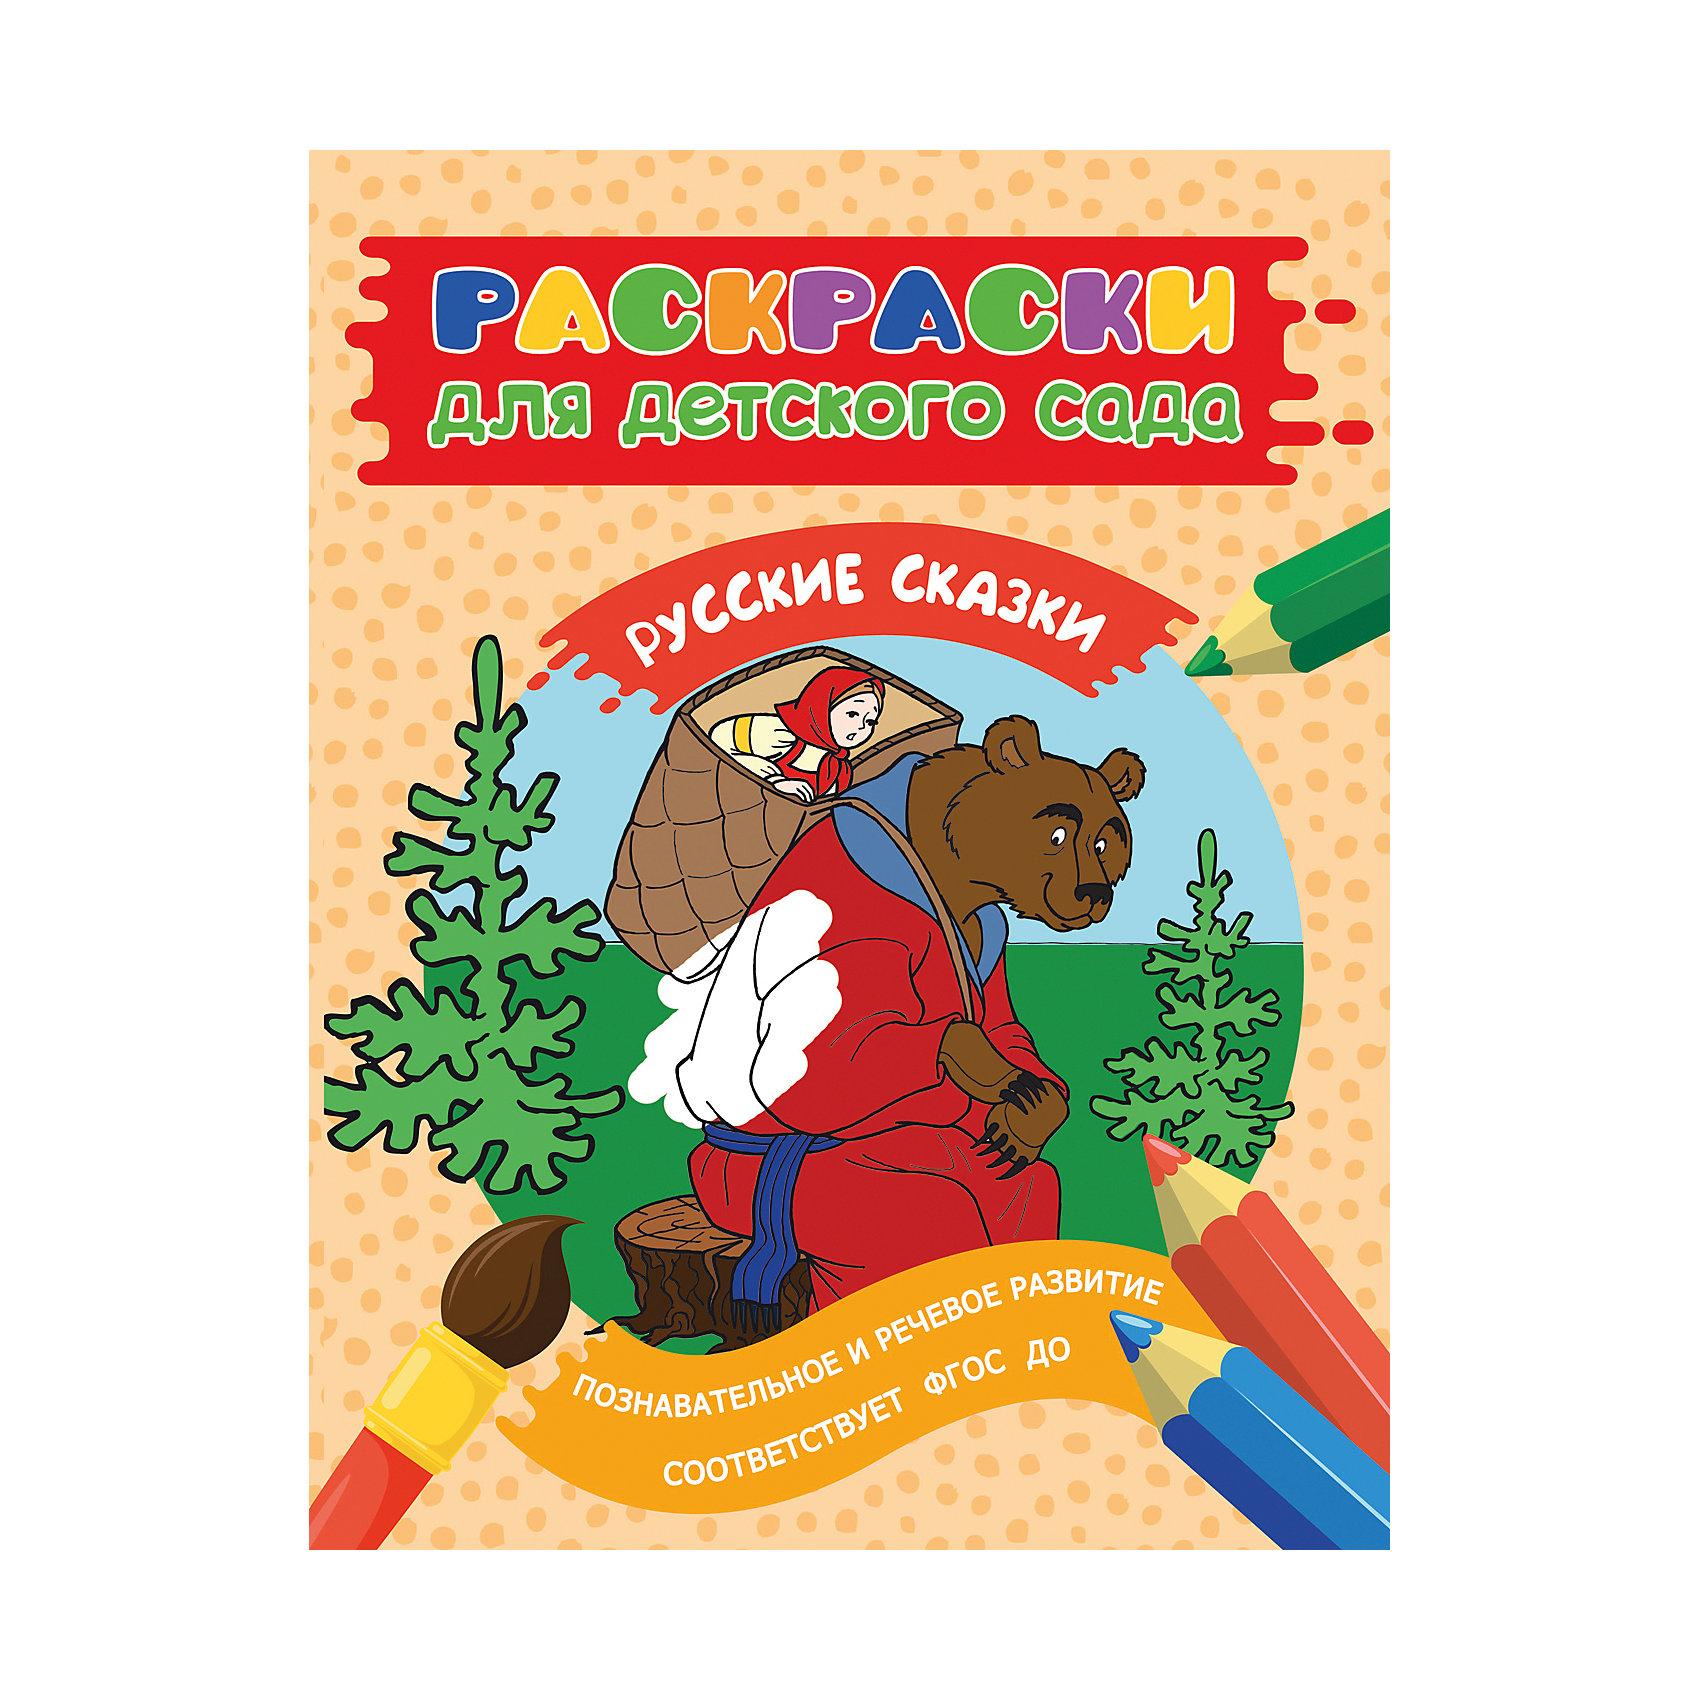 Раскраска Русские сказкиРаскраски для детей<br>Характеристики:<br>• количество страниц: 24;<br>• иллюстрации: черно-белые;<br>• переплёт: мягкий;<br>• формат: 27,4х21,2 см;<br>• ISBN: 9785353080626.<br><br>Раскраска с заданиями - то, что нужно для увлекательных занятий малышей. Раскраска «Русские сказки» содержит 24 страницы с раскрасками. Внизу страницы находятся вопросы, которые родители смогут задать малышу, пока он раскрашивает картинку. Вопросы помогут закрепить знания о любимых персонажах русских сказок.<br><br>Издание поможет расширить кругозор и развить речевые навыки.<br><br>Раскраска подходит для детей любого возраста.<br><br>Раскраску Русские сказки, Rosman (Росмэн) можно купить в нашем интернет-магазине.<br><br>Ширина мм: 274<br>Глубина мм: 212<br>Высота мм: 30<br>Вес г: 130<br>Возраст от месяцев: -2147483648<br>Возраст до месяцев: 2147483647<br>Пол: Унисекс<br>Возраст: Детский<br>SKU: 5453639